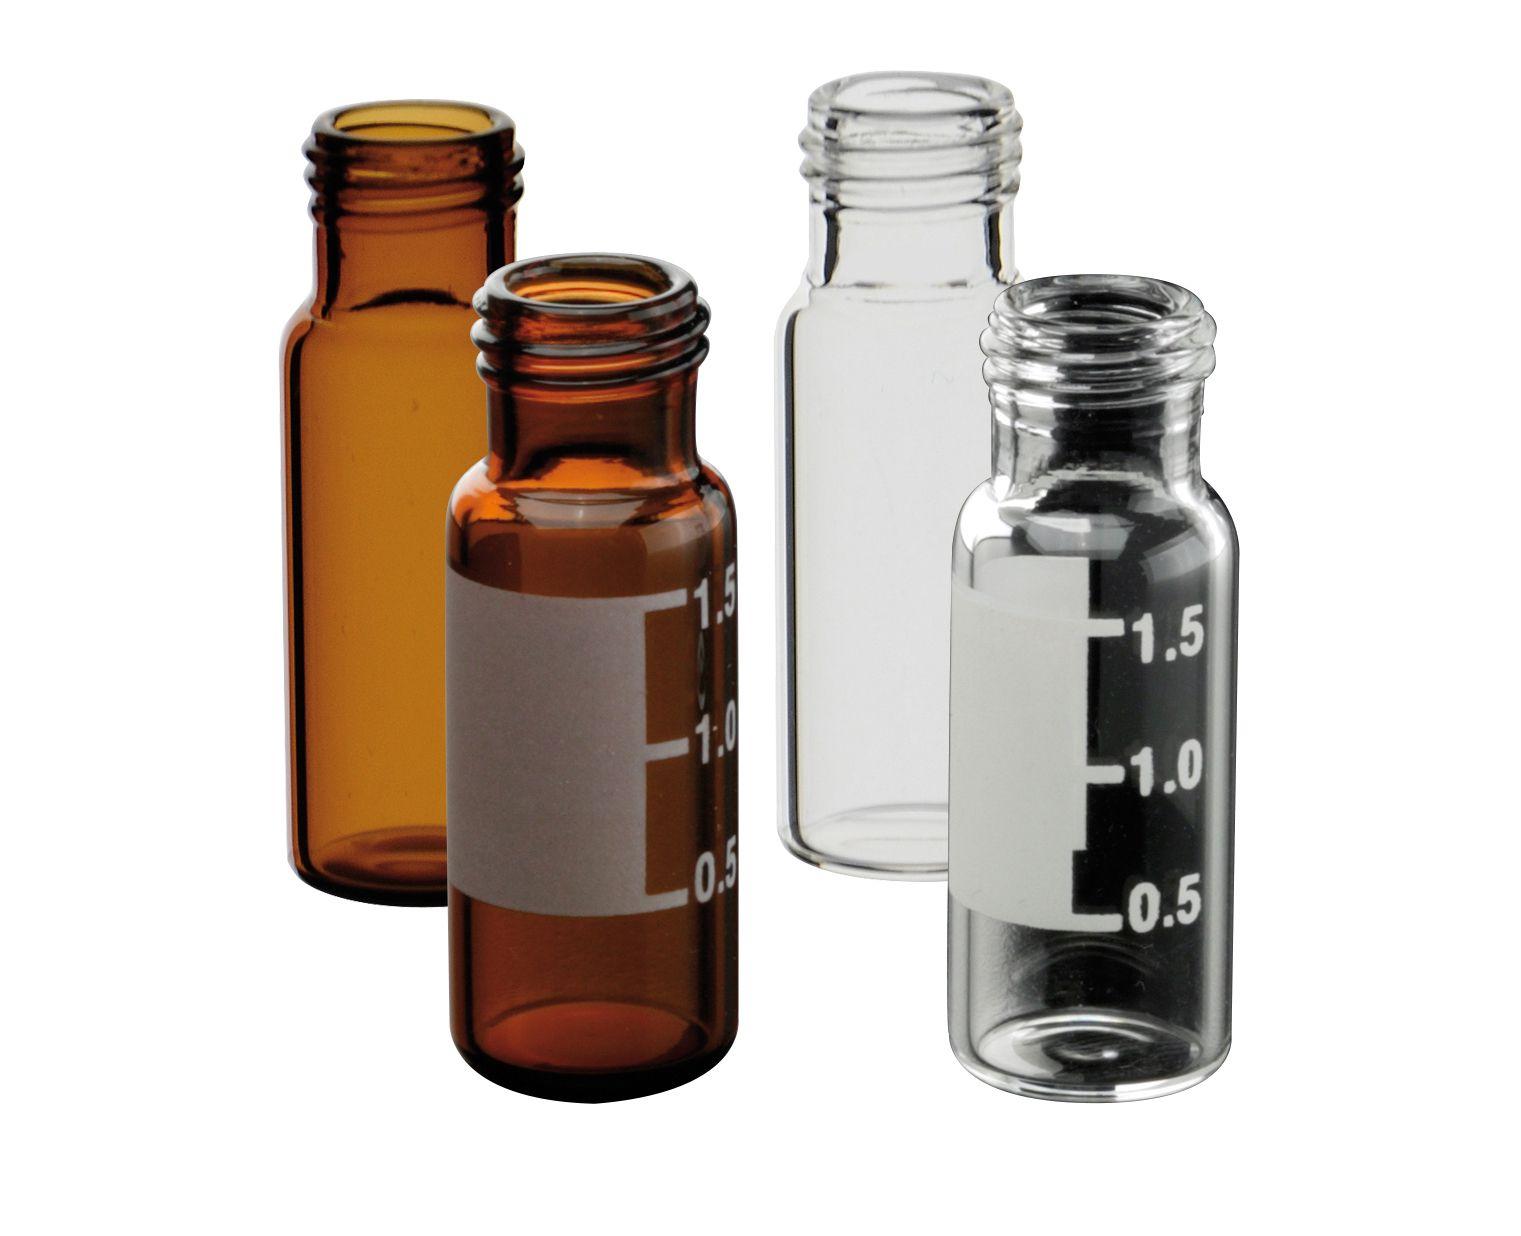 Chromatografiniai buteliukai ir priedai